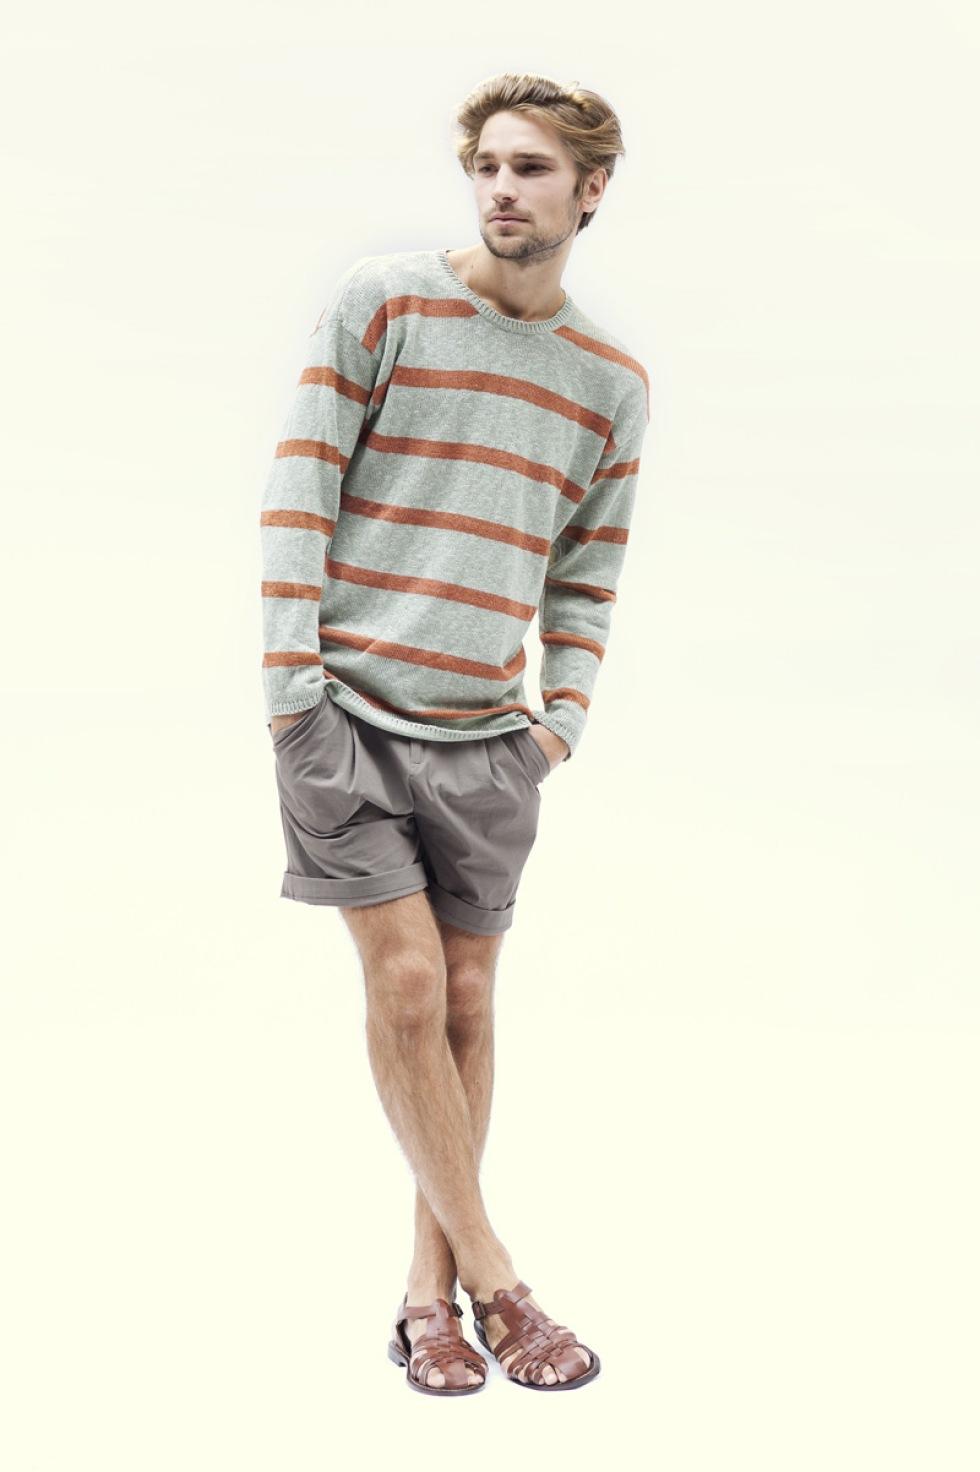 155541 980 - Lagom 2011 Erkek Giyim Kolleksiyonu